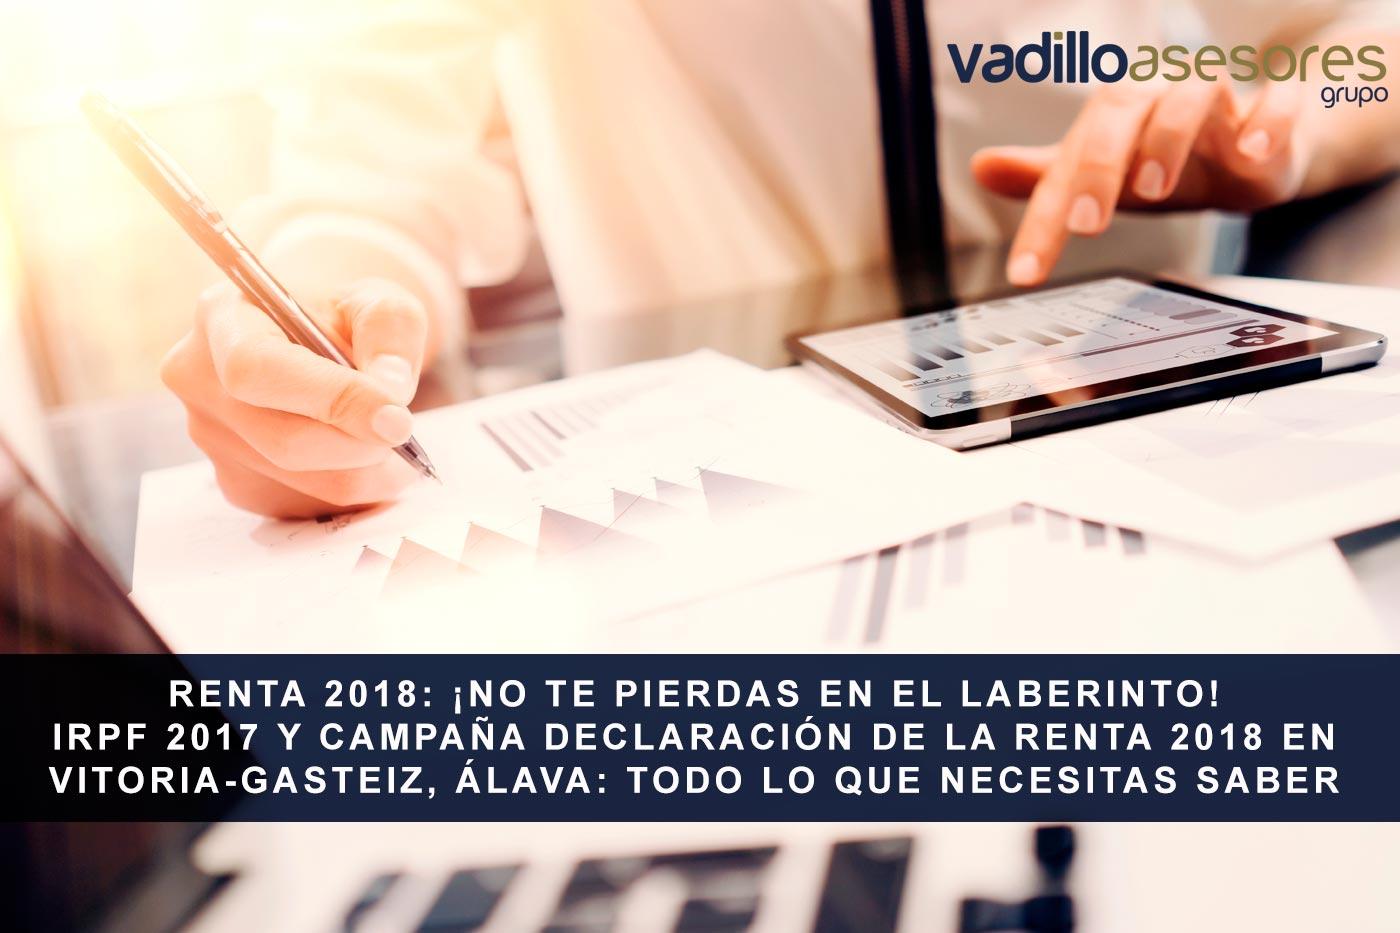 IRPF 2017 y Campaña Declaración de la renta 2018 en Vitoria-Gasteiz, Álava: todo lo que necesitas saber